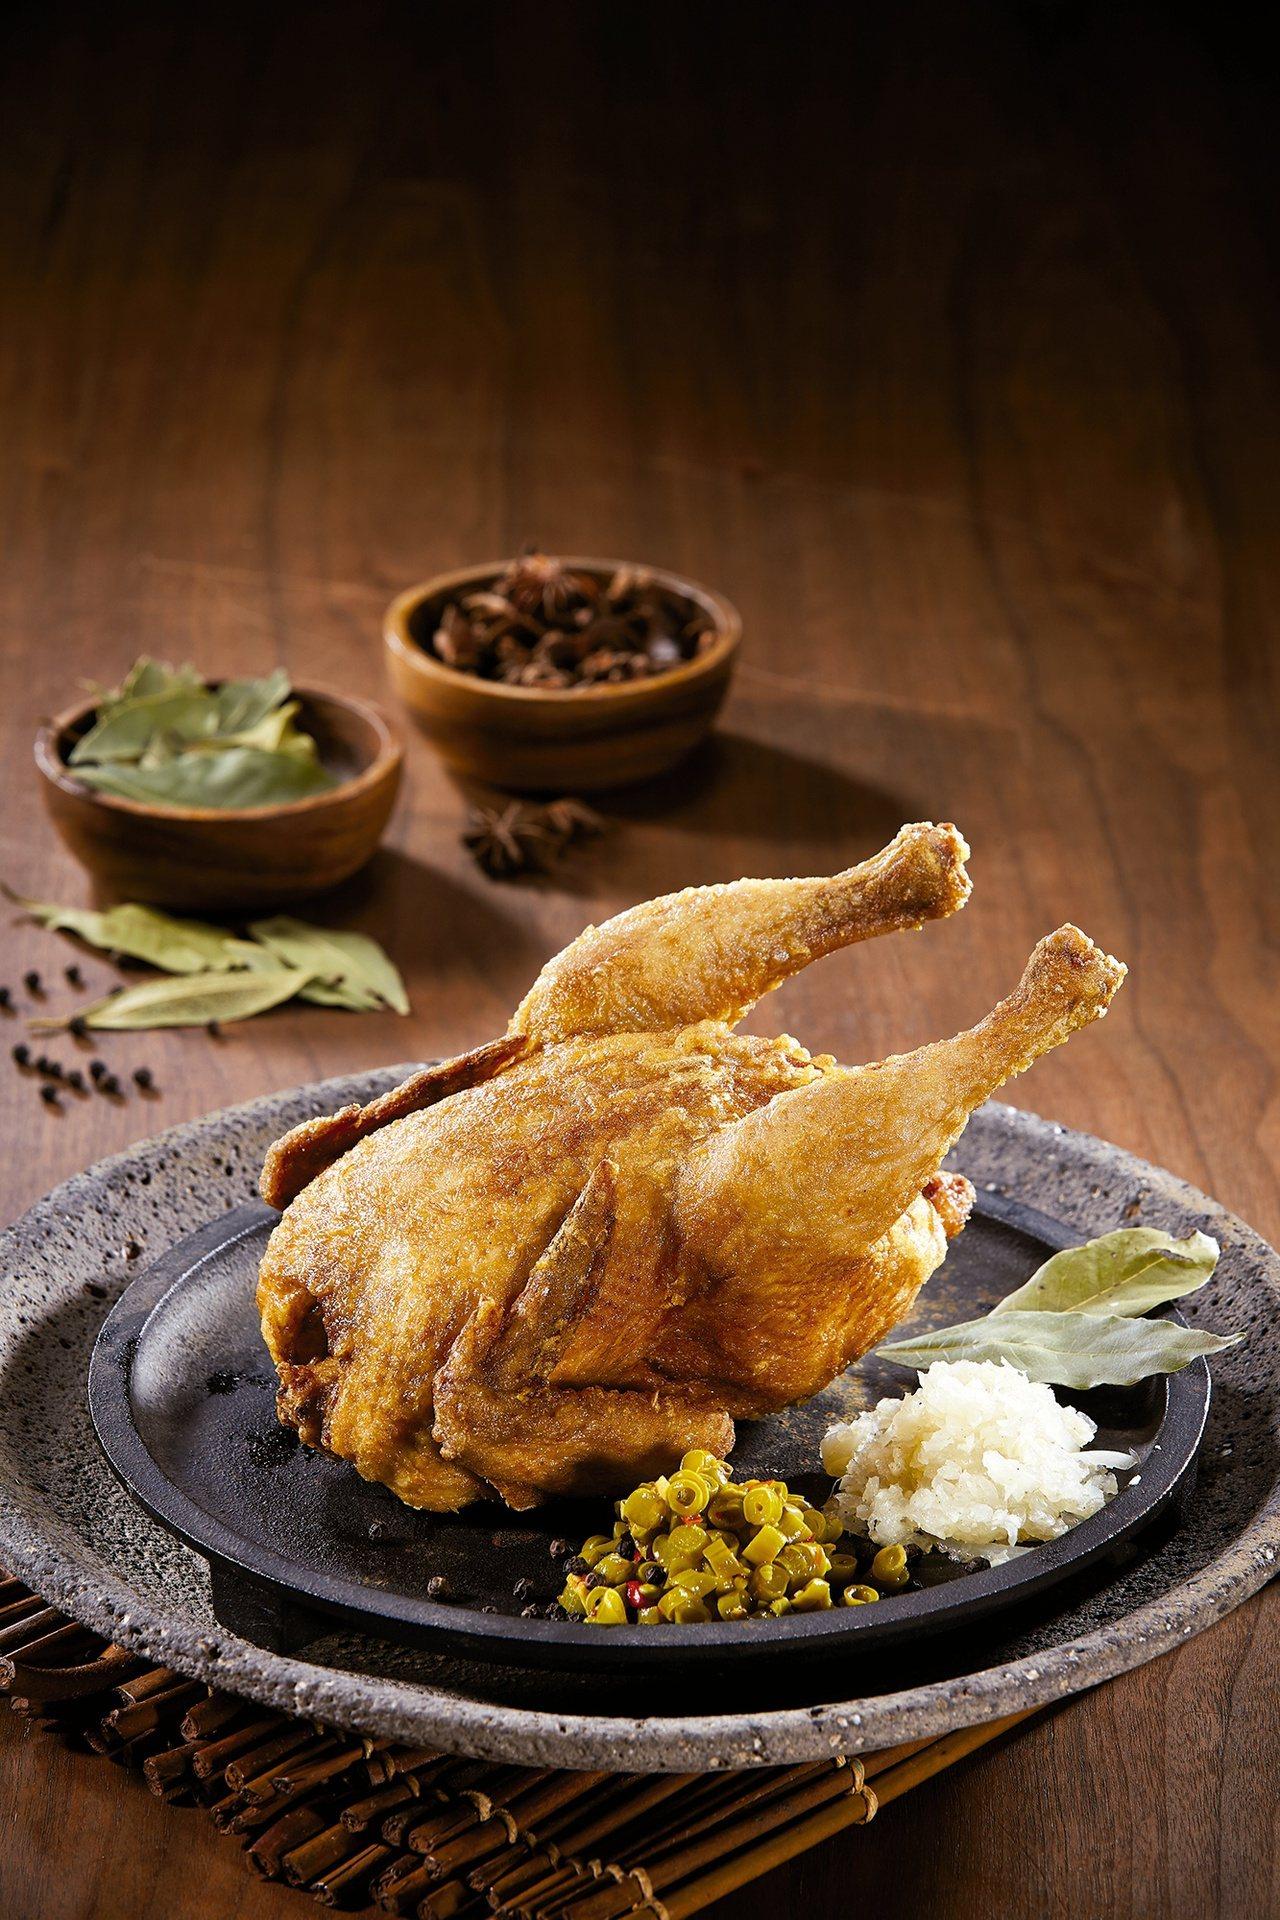 薄皮一隻雞,全雞550元,半隻290元。圖/繼光香香雞提供